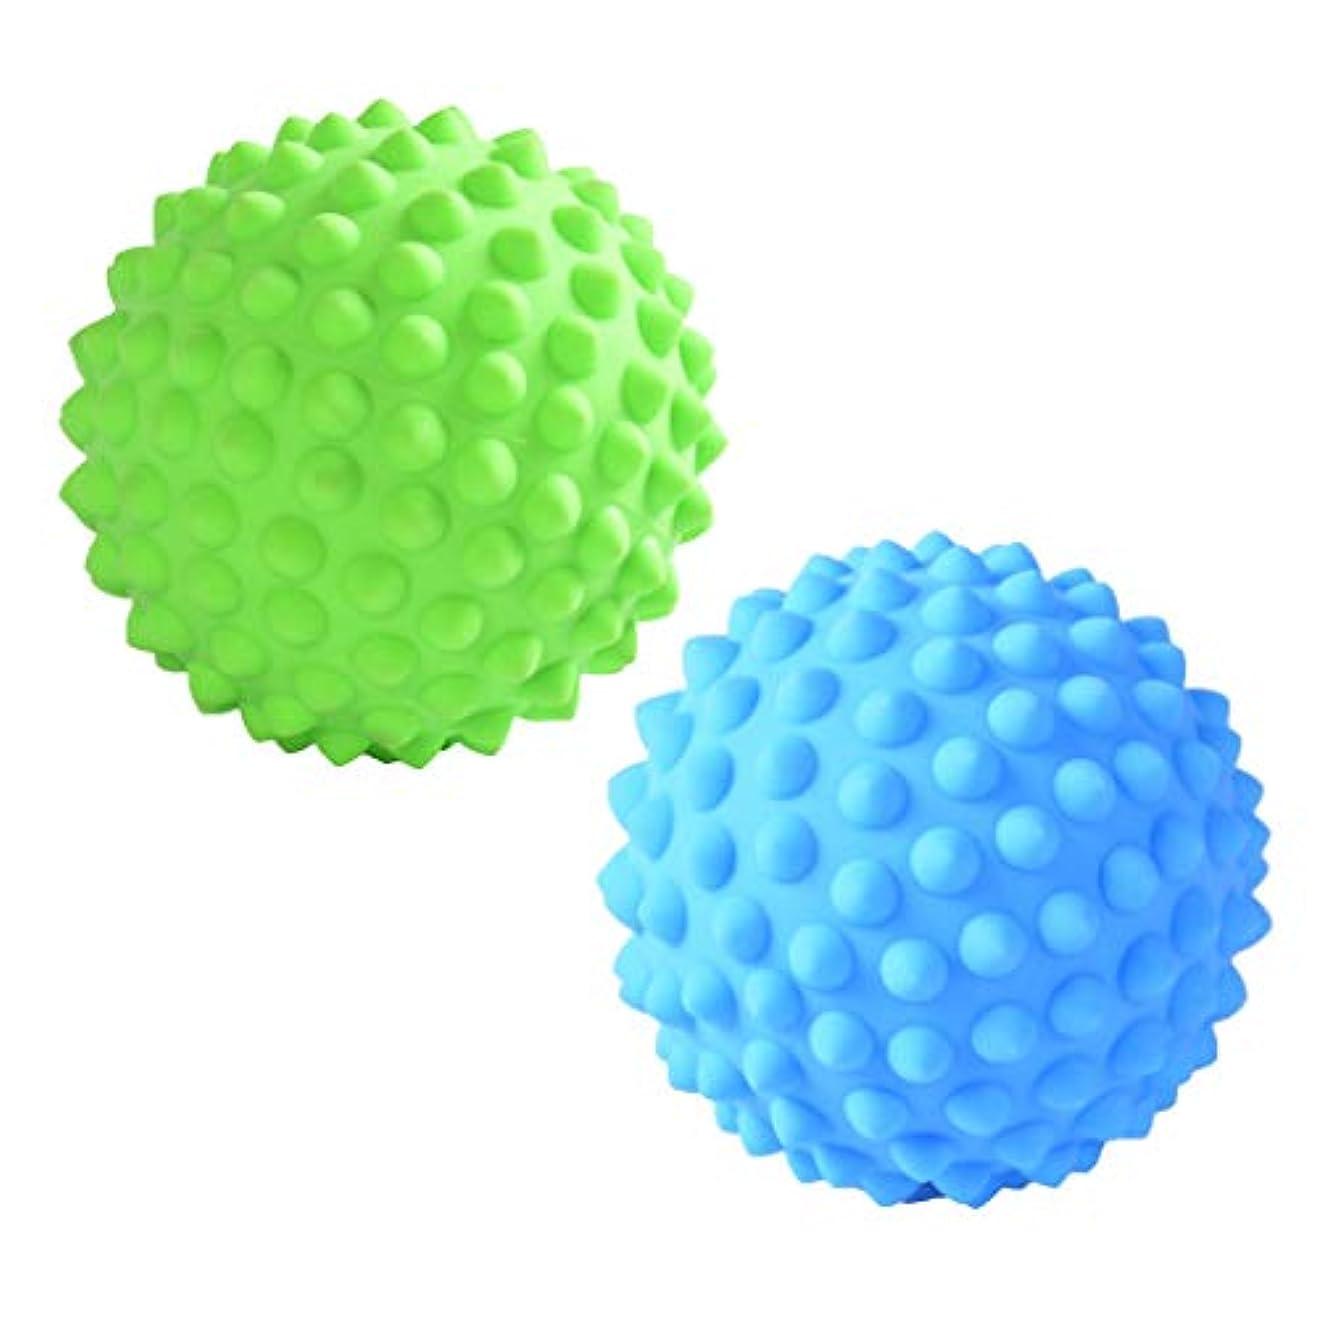 反逆メンタリティ症候群FLAMEER 2個 マッサージローラーボール 指圧ボール PVC トリガーポイント 疲れ解消ボール ヨガ 疲労軽減